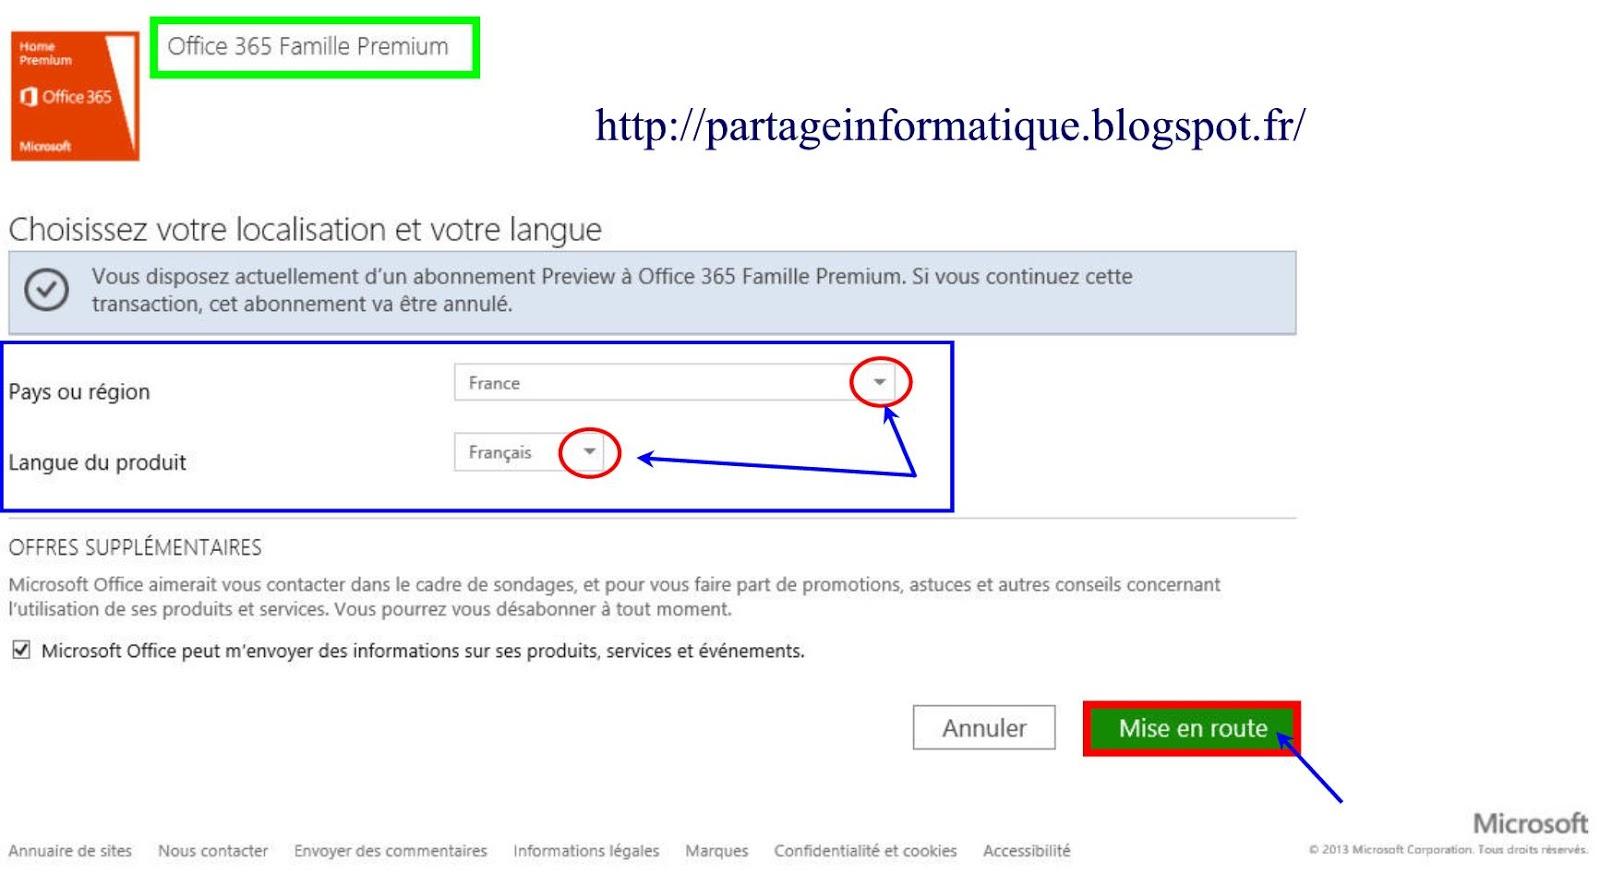 Partage informatique essayer office 365 gratuitement sous windows 8 - Installer office sur windows 8 ...